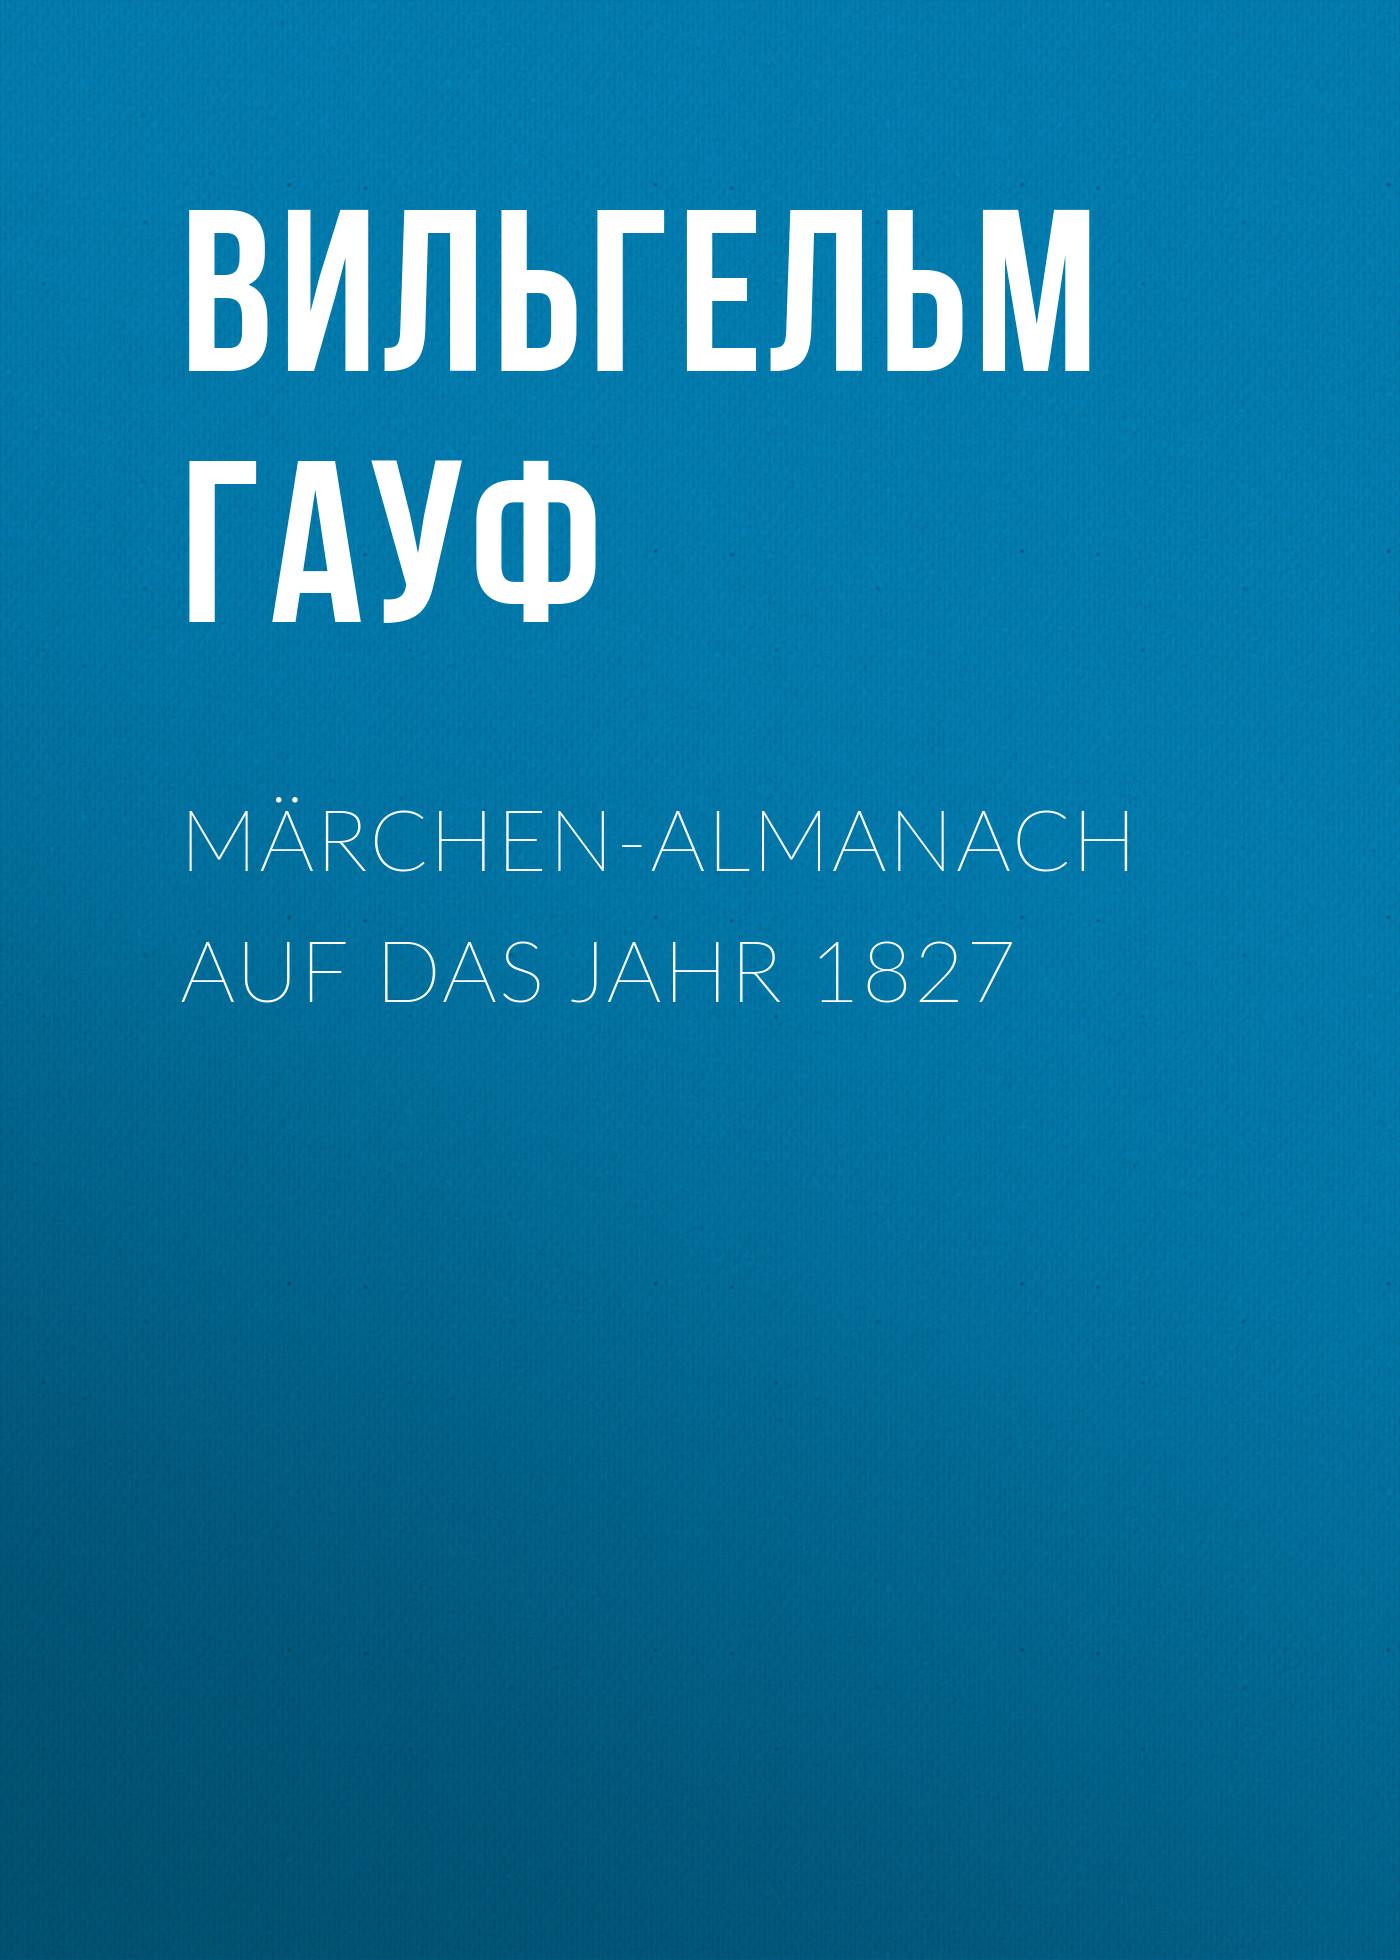 marchen almanach auf das jahr 1827